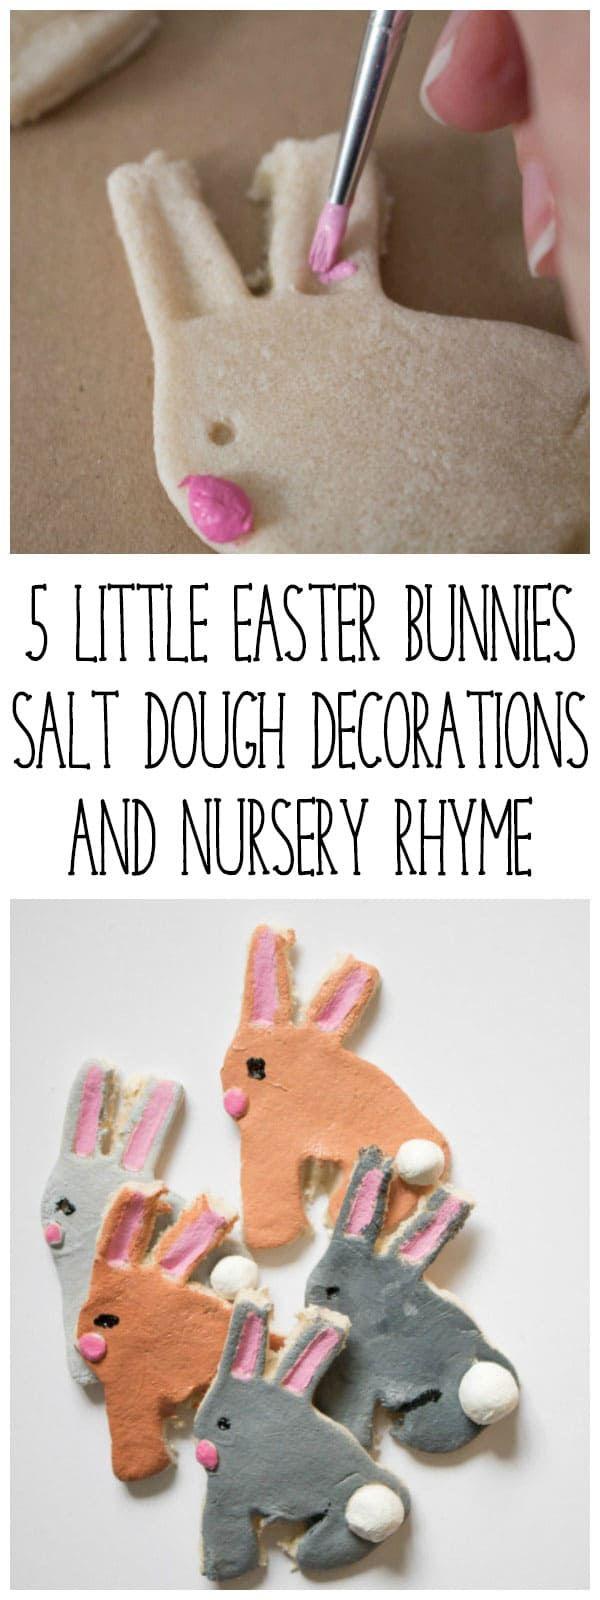 Easy Easter Crafts for Kids: Salt Dough Bunny